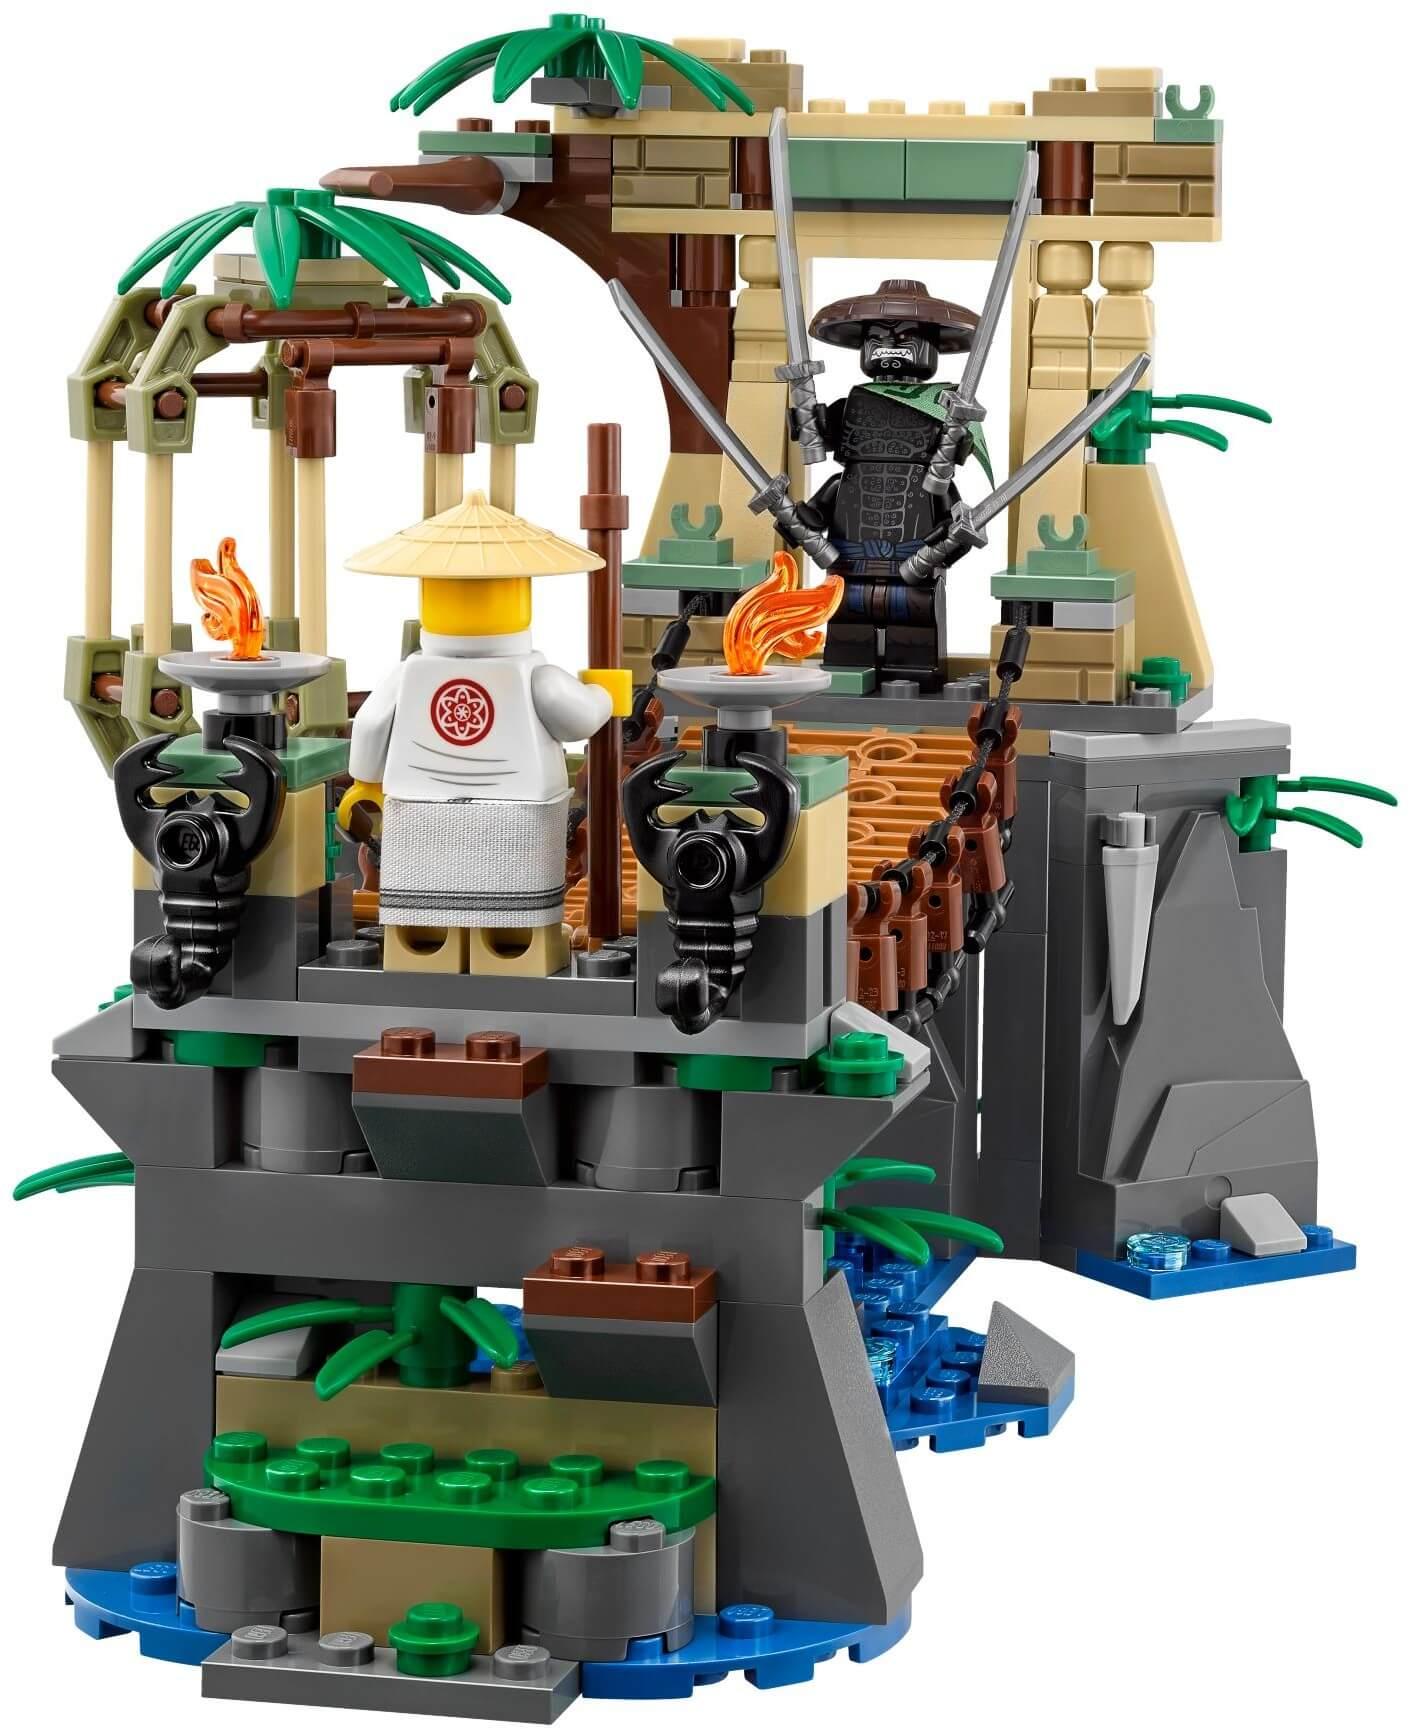 Mua đồ chơi LEGO 70608 - LEGO Ninjago 70608 - Trận Chiến tại Thác Nước (LEGO Ninjago Master Falls)